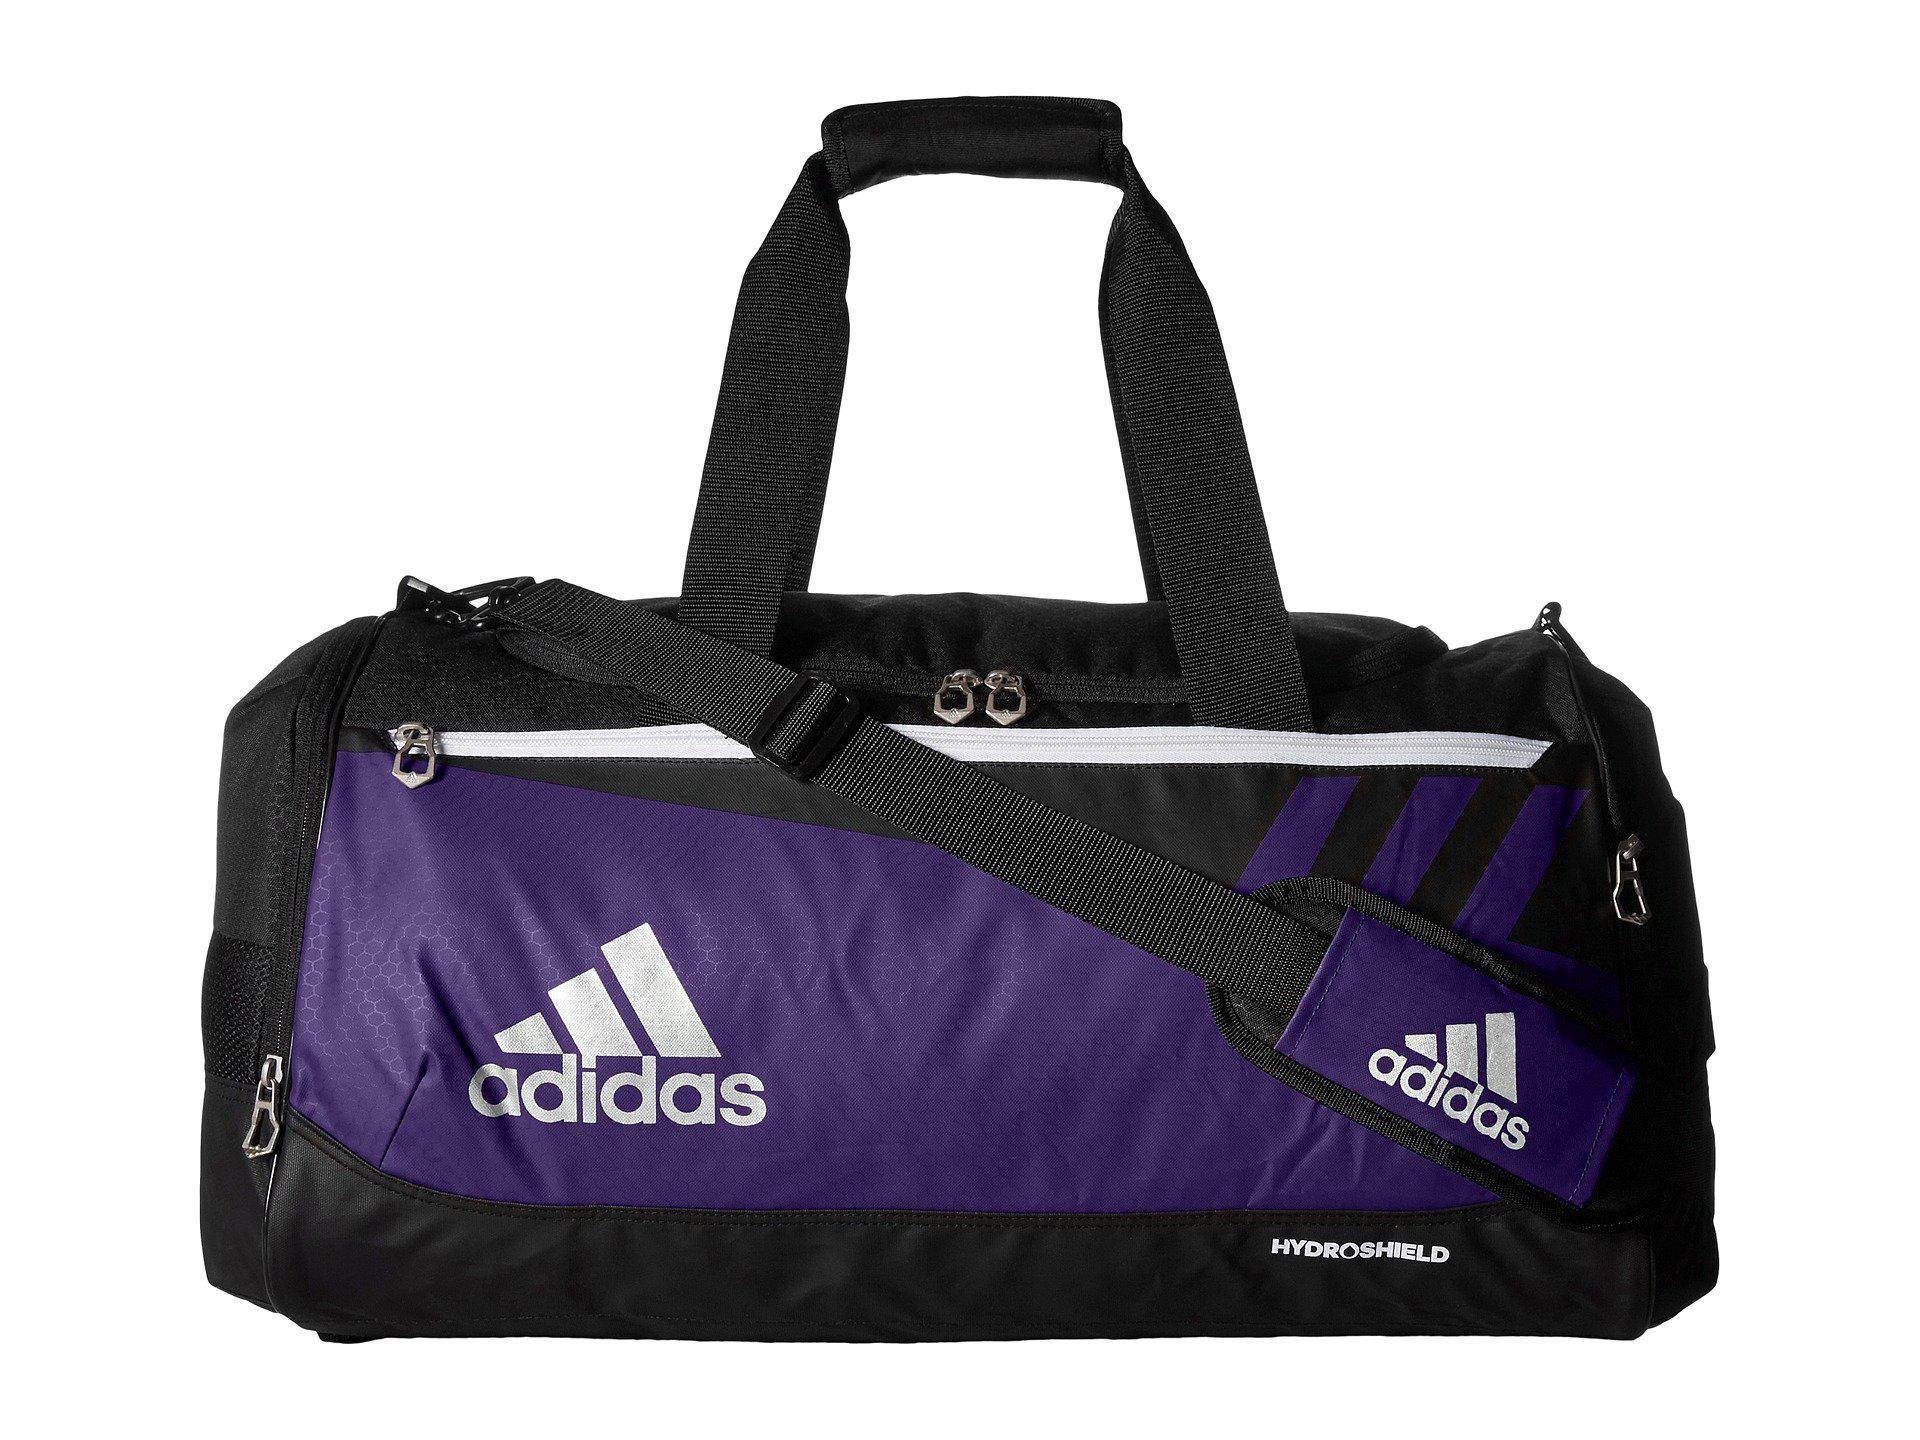 Adidas - Multicolor Team Issue Small Duffel - Lyst. View fullscreen 3fc4bbd1c19fe